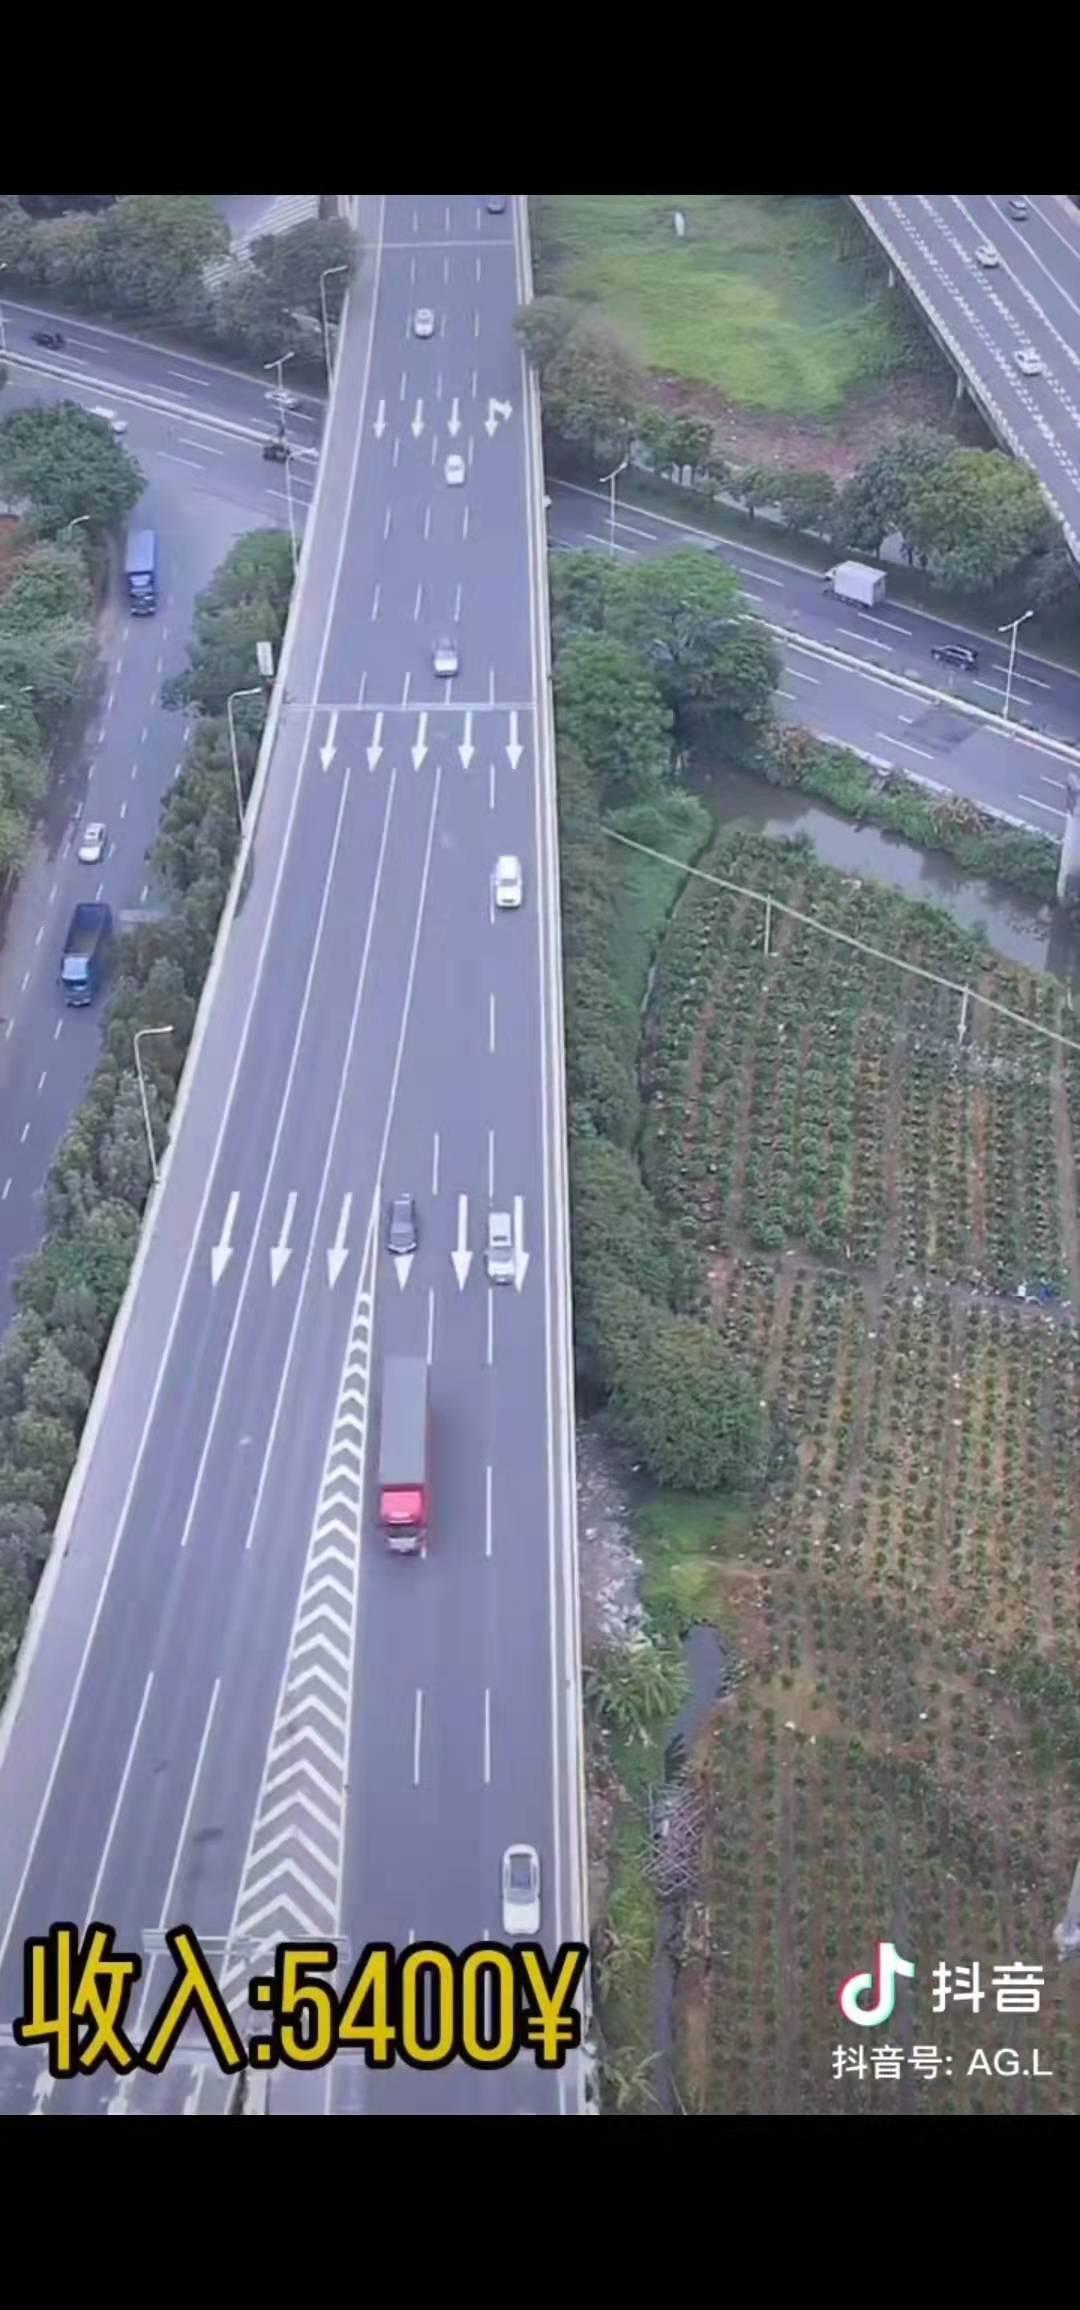 有网友拍摄视频称,3分钟内共有27辆车压线违章。